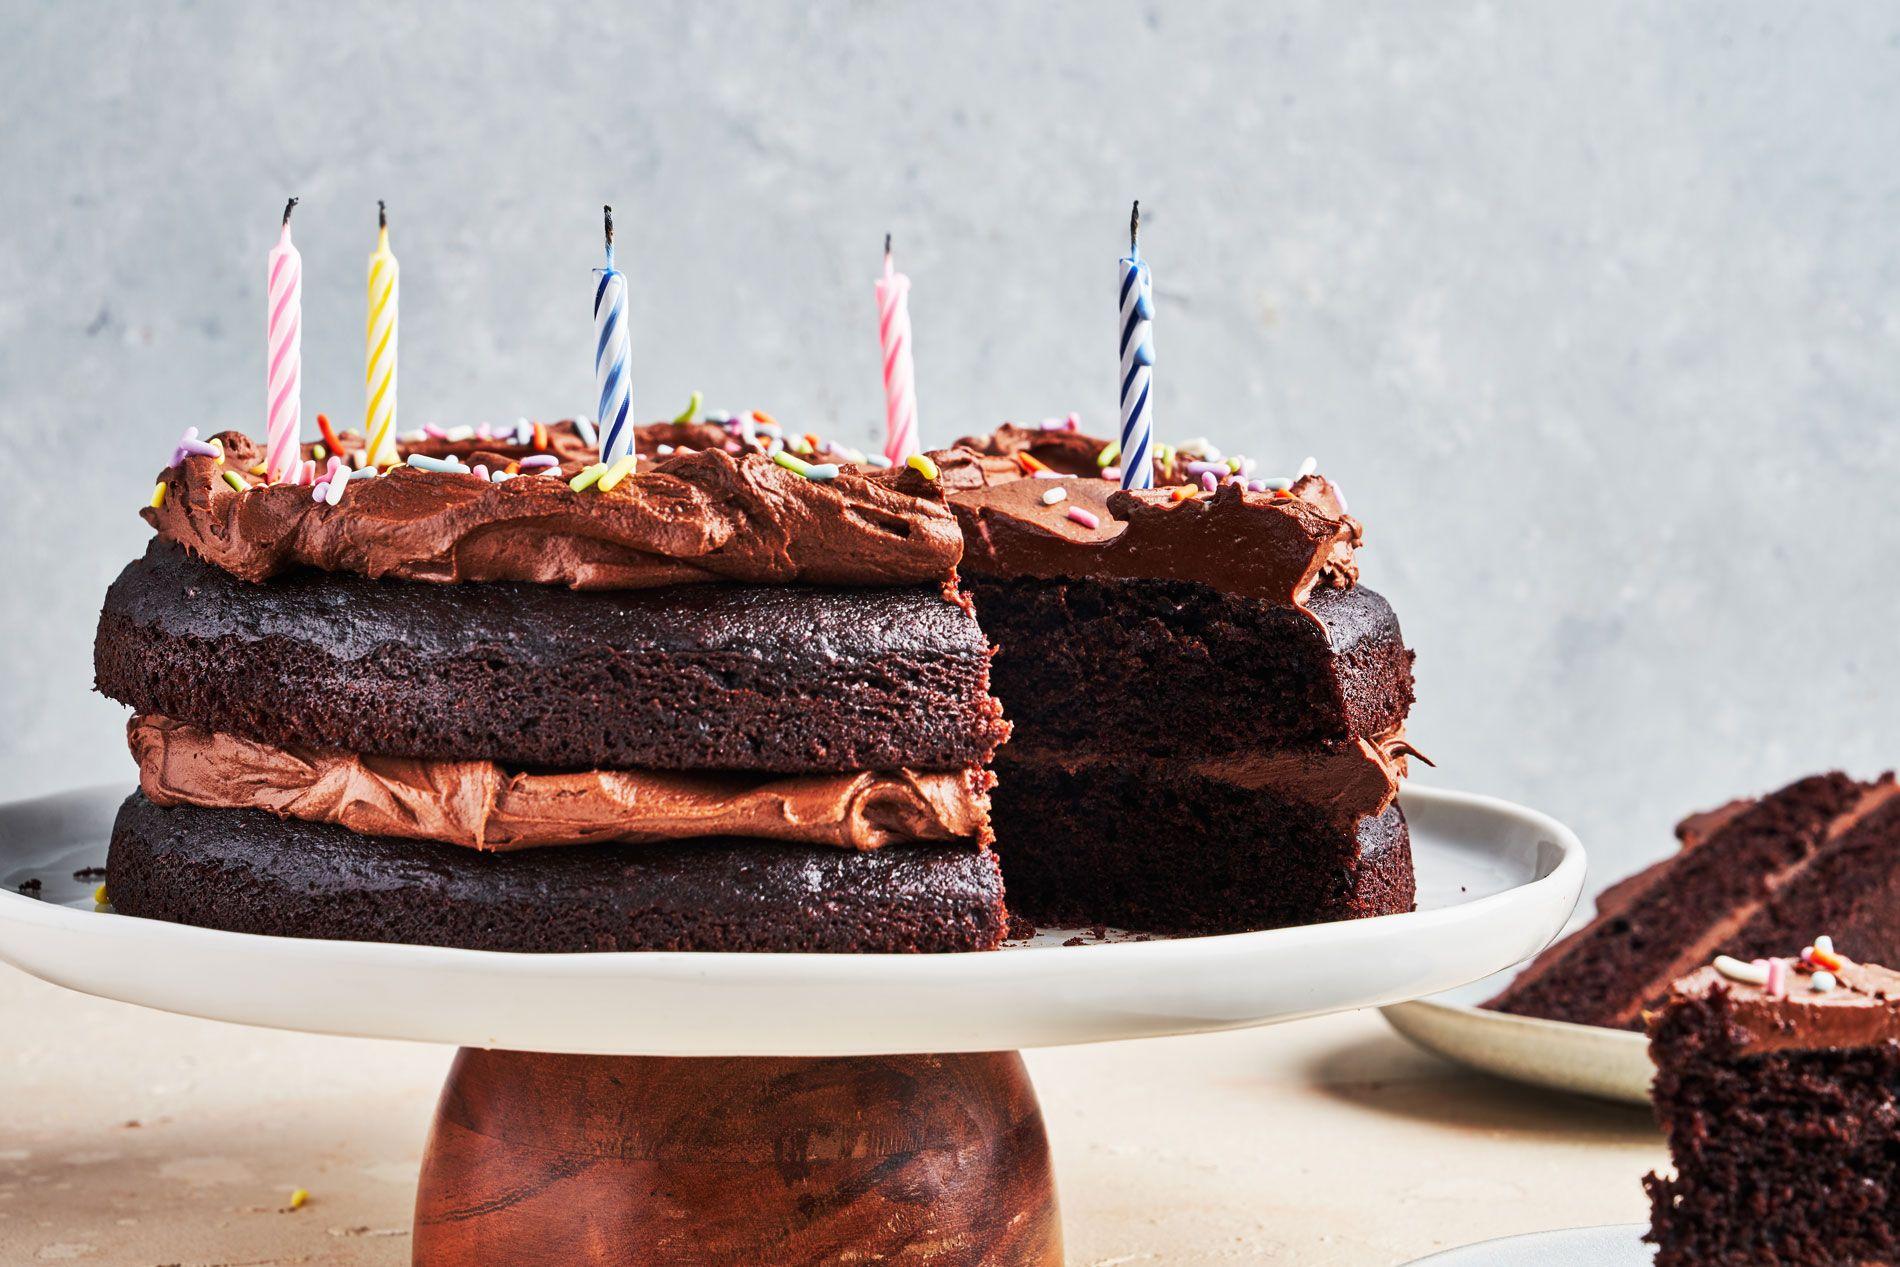 Best Chocolate Birthday Cake Recipe How To Make Chocolate Birthday Cake